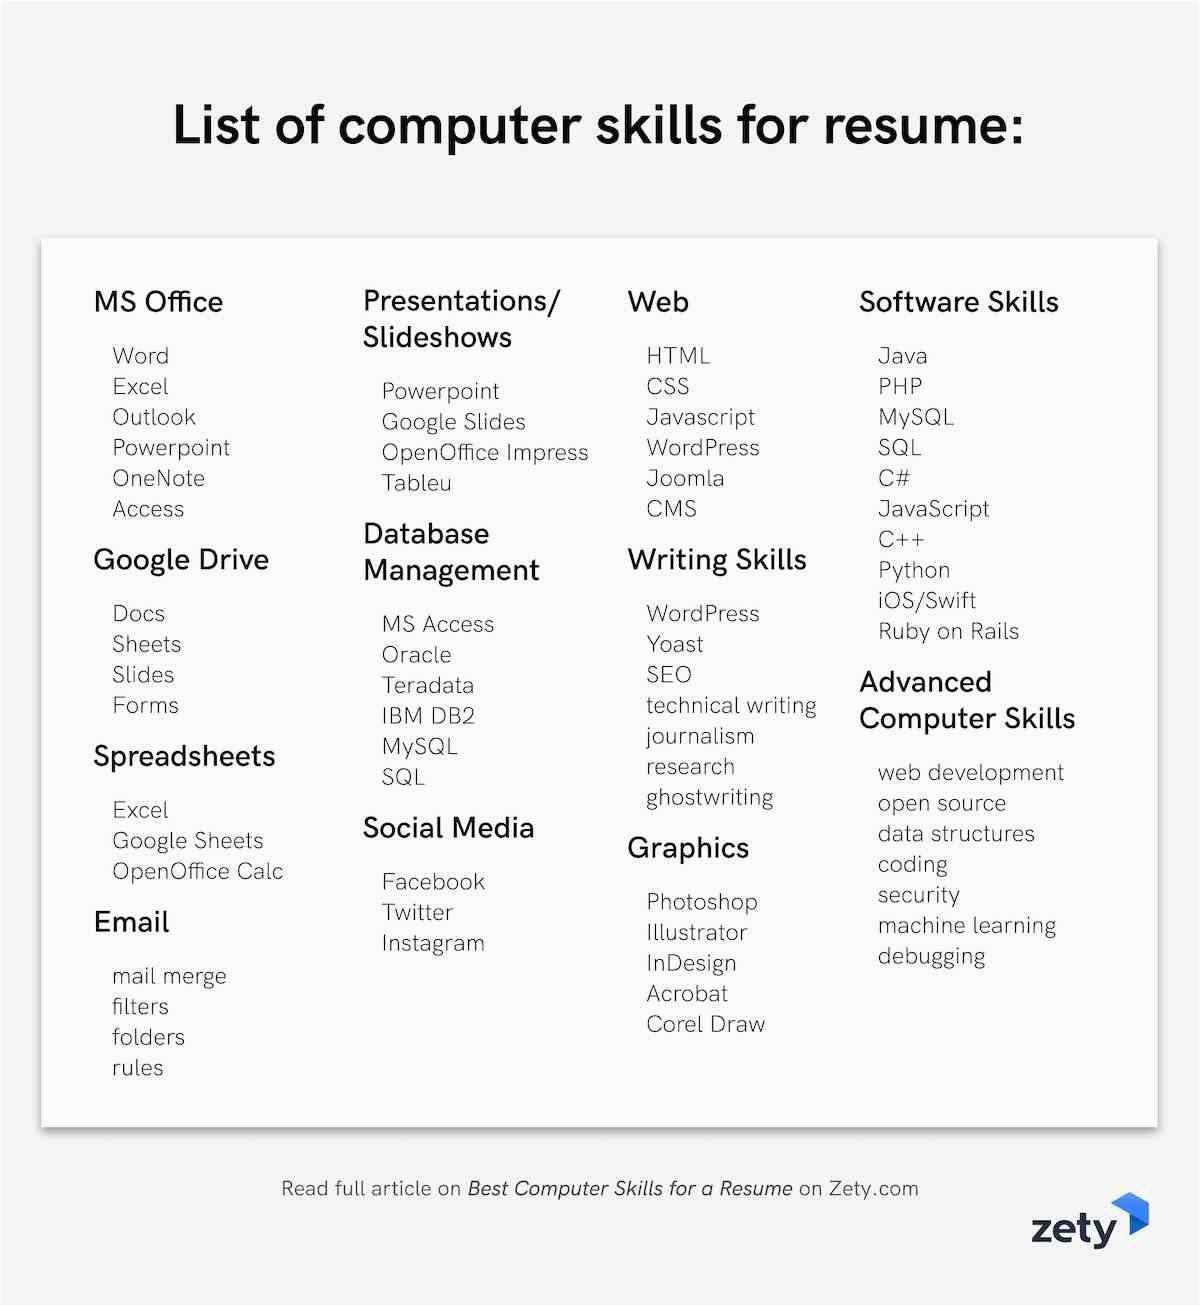 List Of Computer Skills Resume Sample Best Puter Skills for A Resume [software Skills